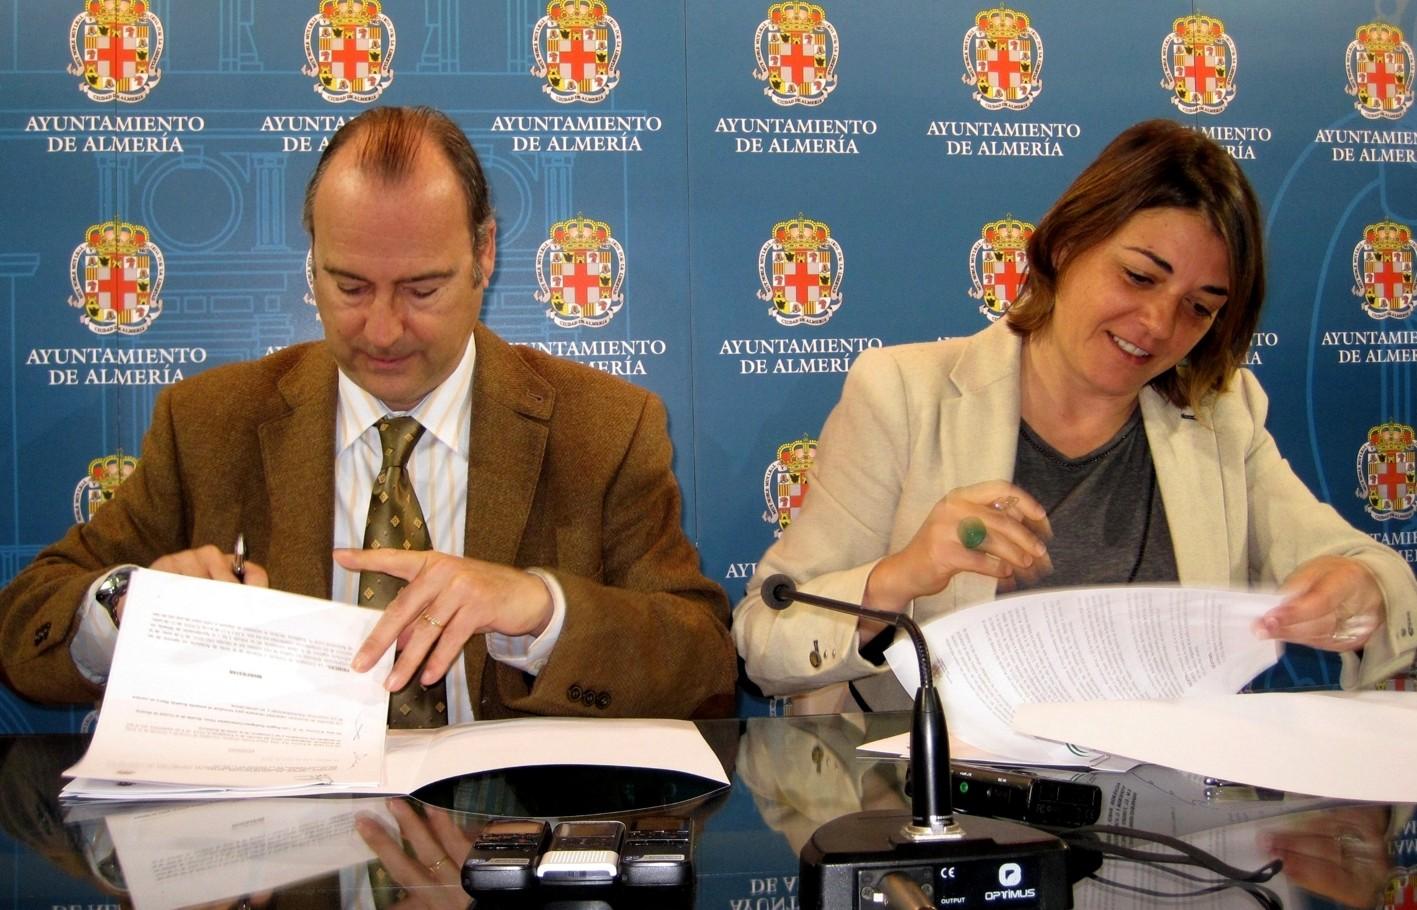 La consejera firma el convenio con el alcalde de Almería.